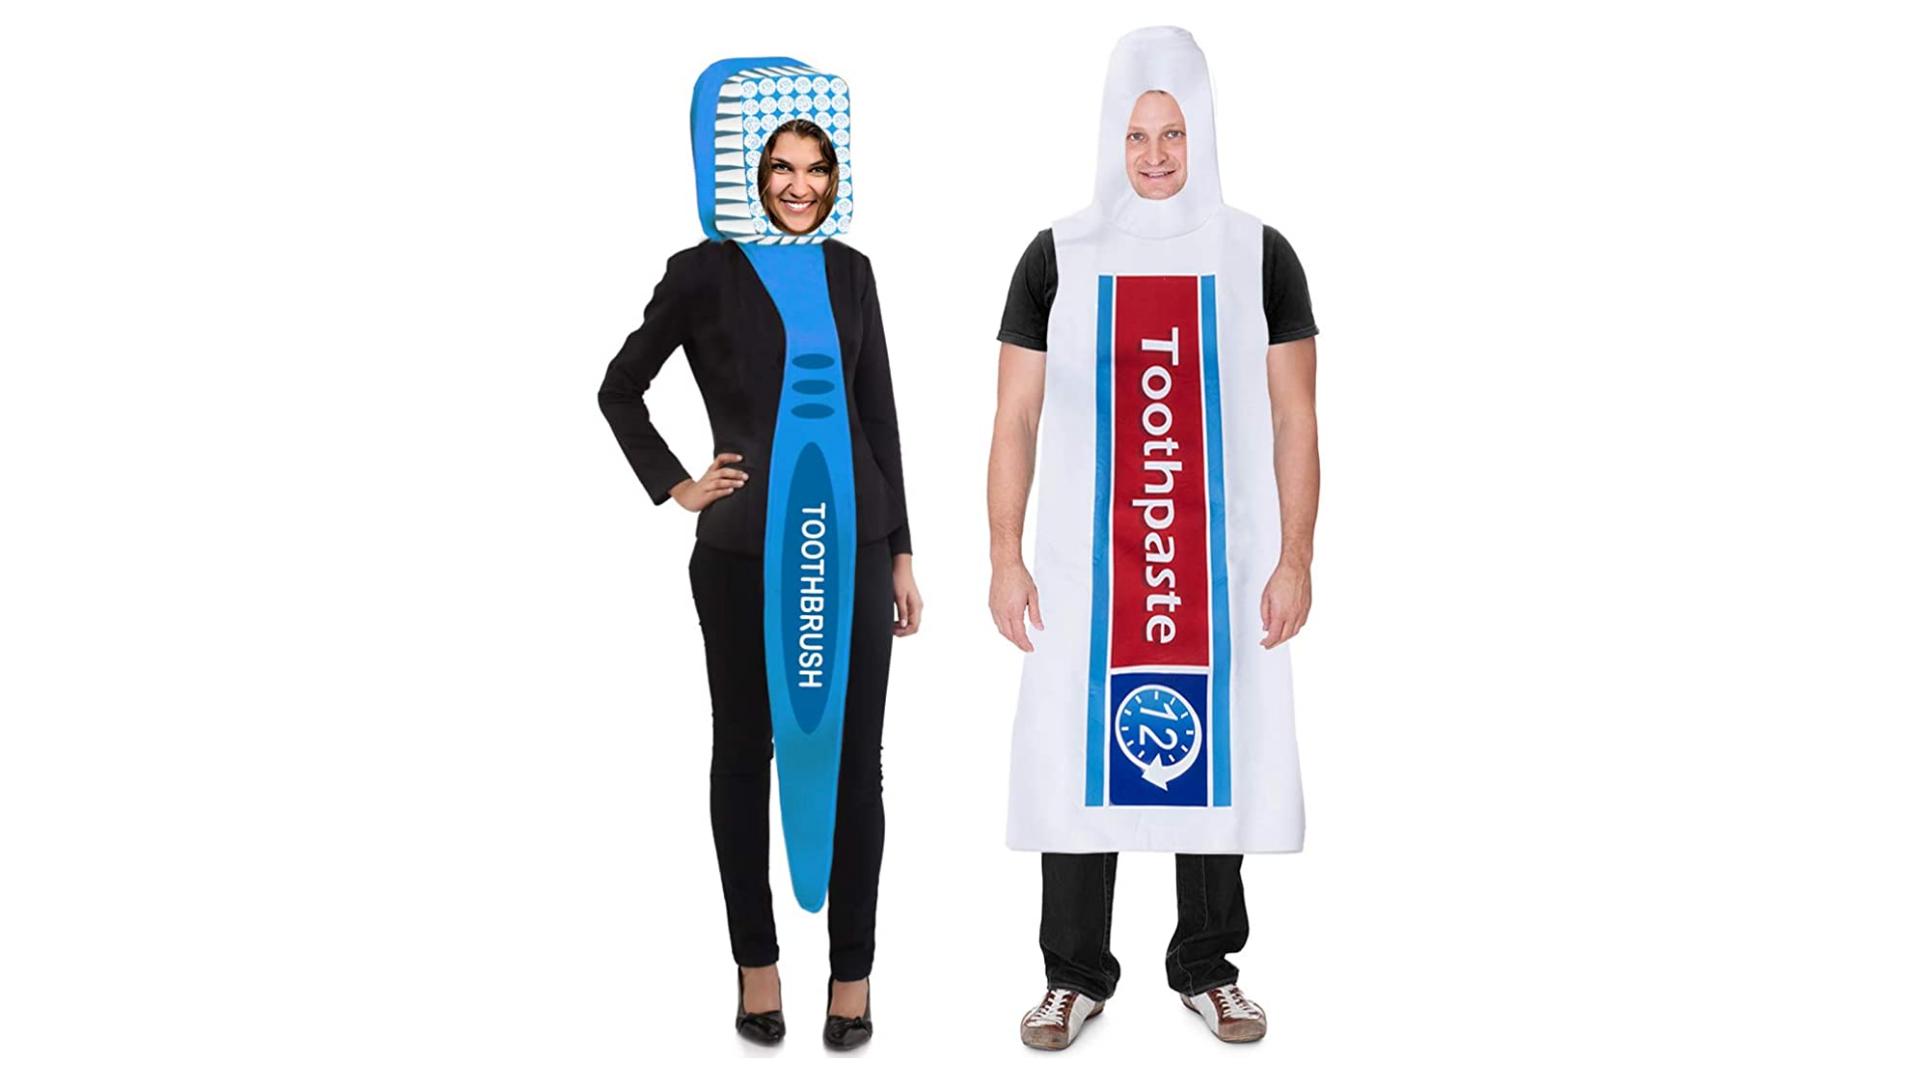 Brosse à dents et dentifrice Costumes de couple pour Halloween